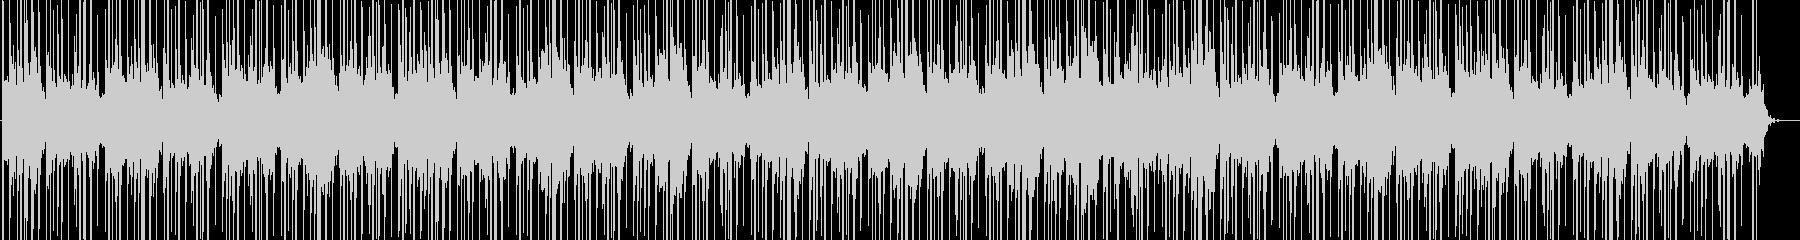 永遠に聞ける優しいチルアウトの未再生の波形